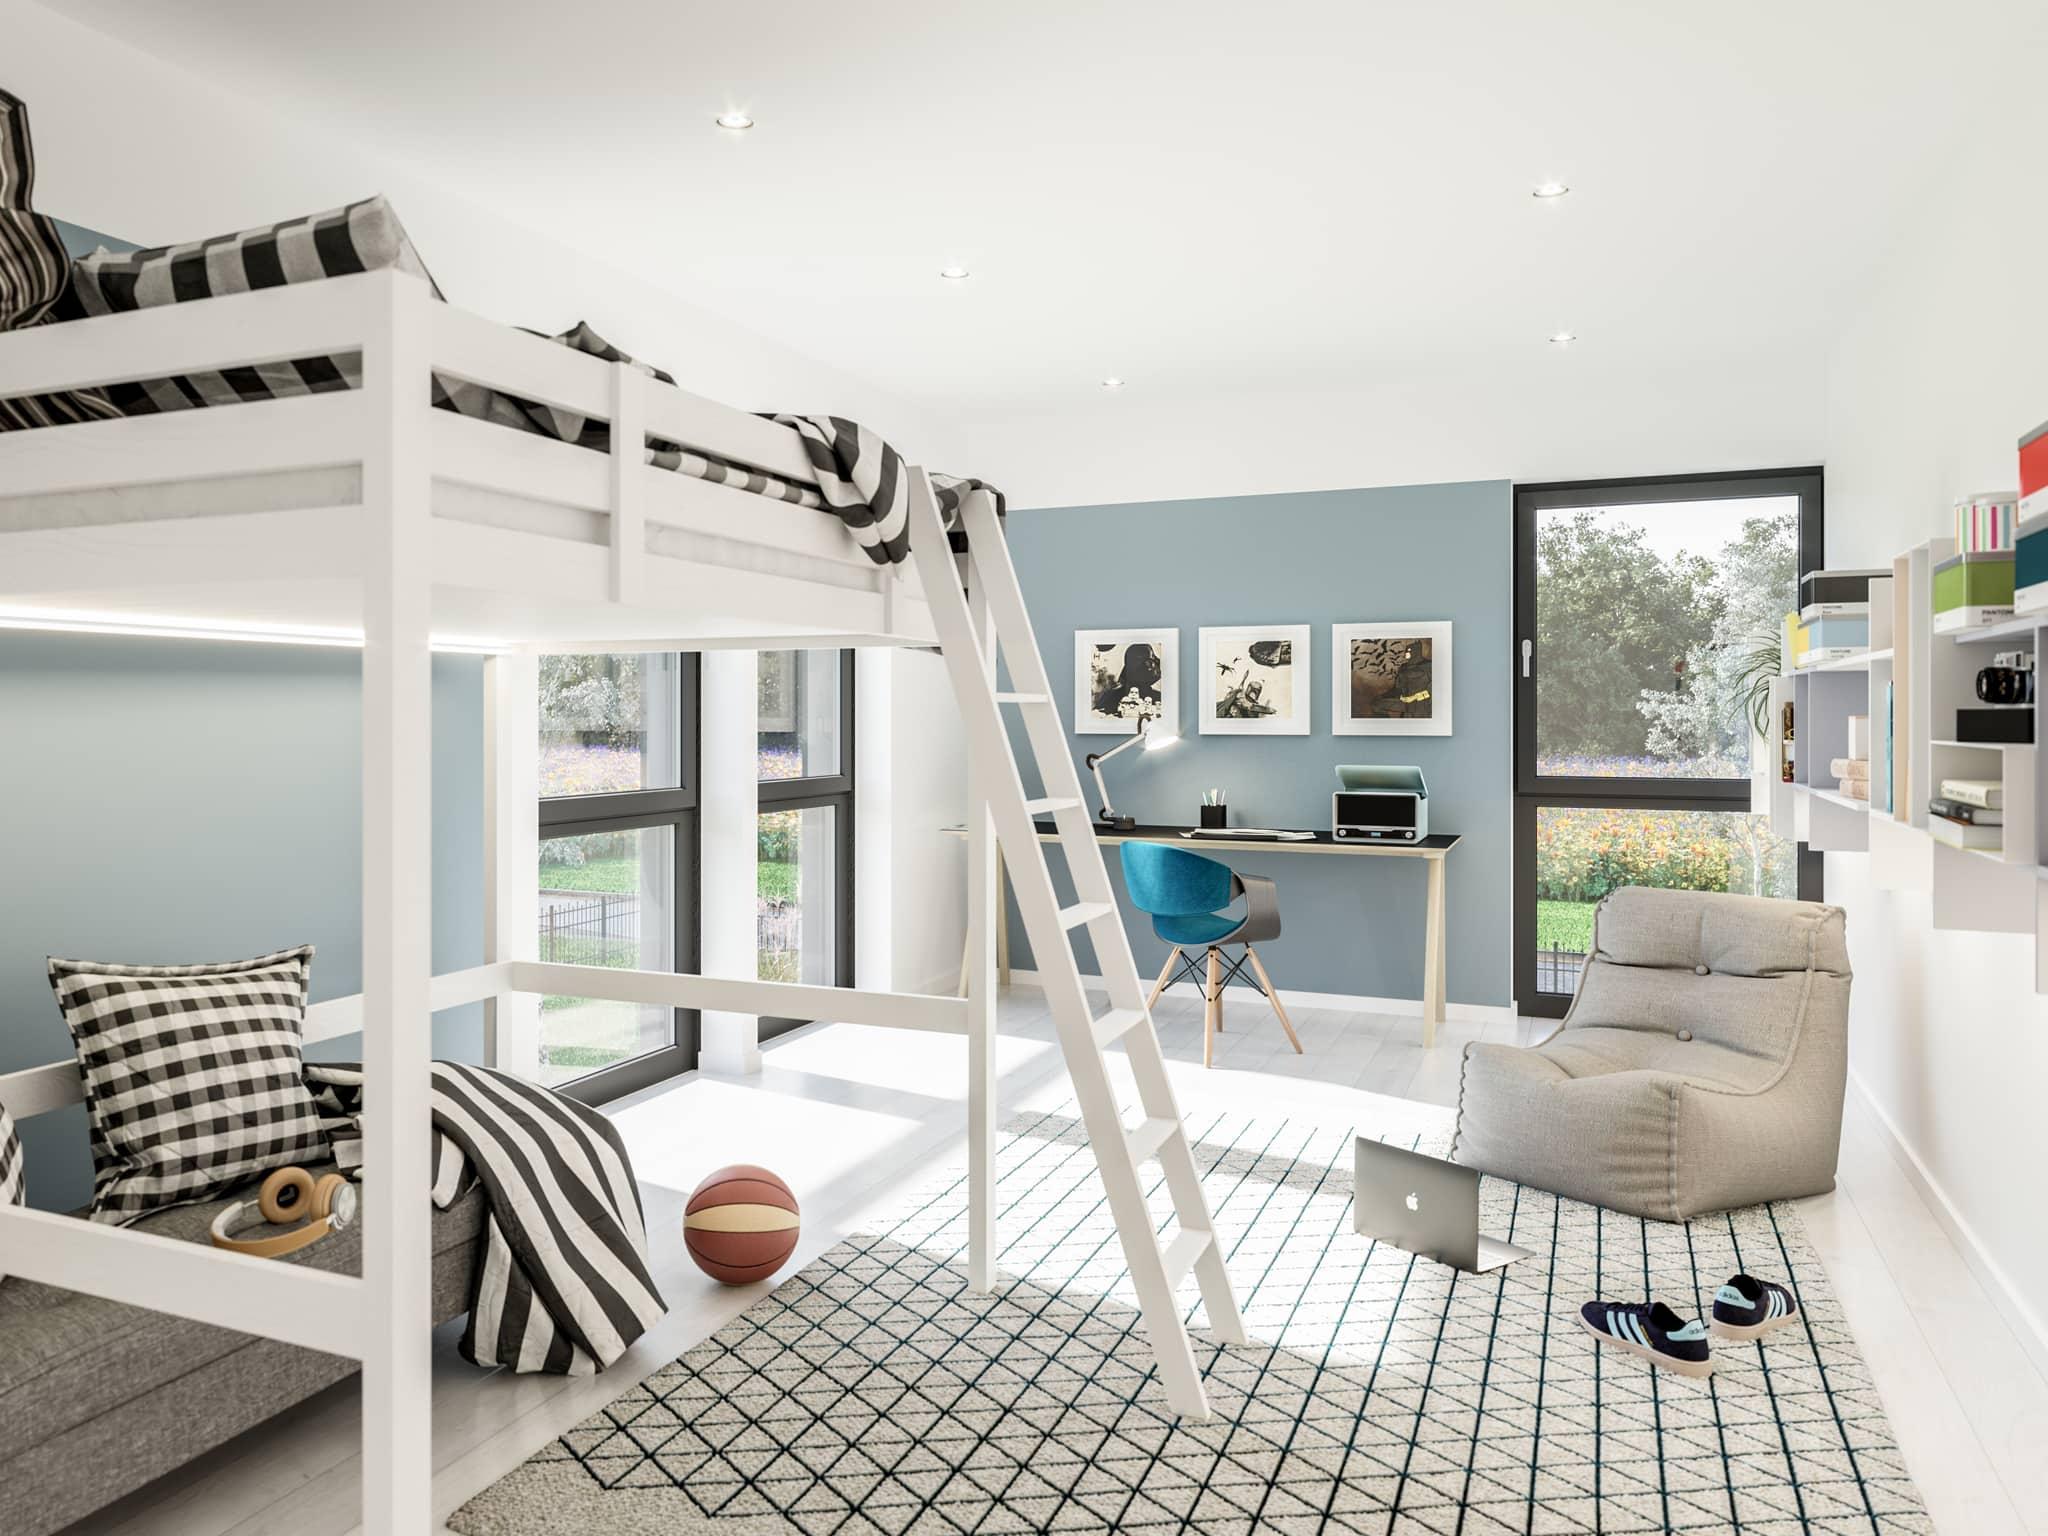 Jugendzimmer Ideen mit Hochbett - Doppelhaus Fertighaus Bien-Zenker CELEBRATION 139 V2 - HausbauDirekt.de